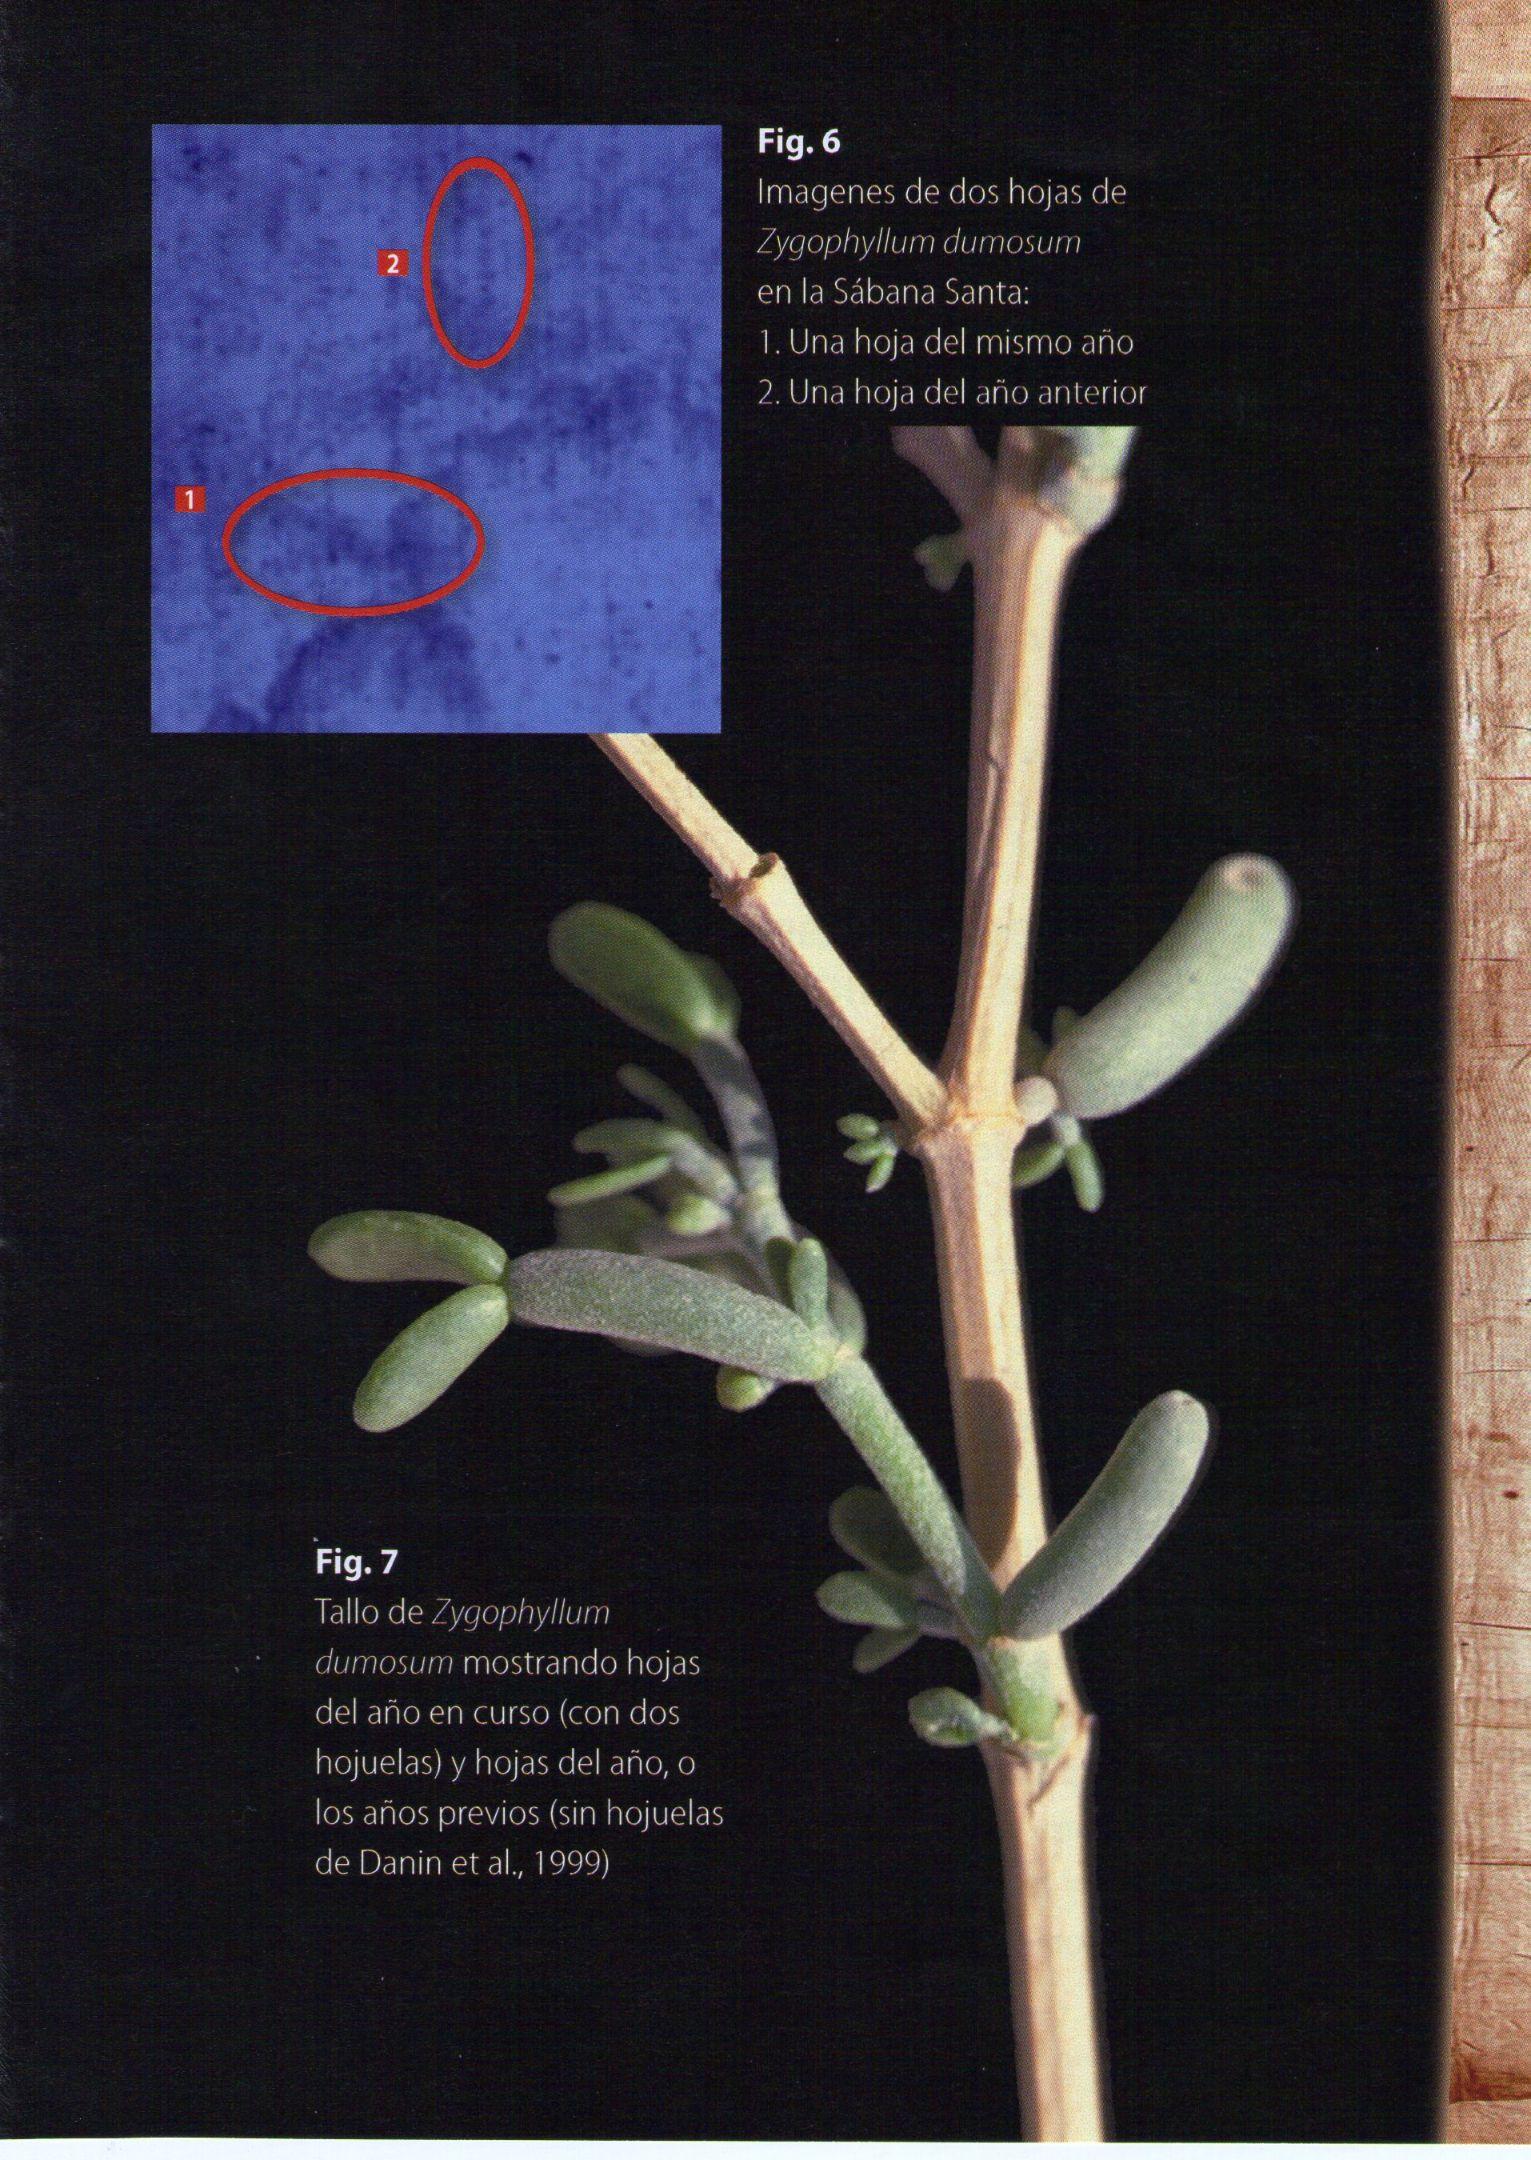 Photo 1. Zygophyllum domosum on the Shroud